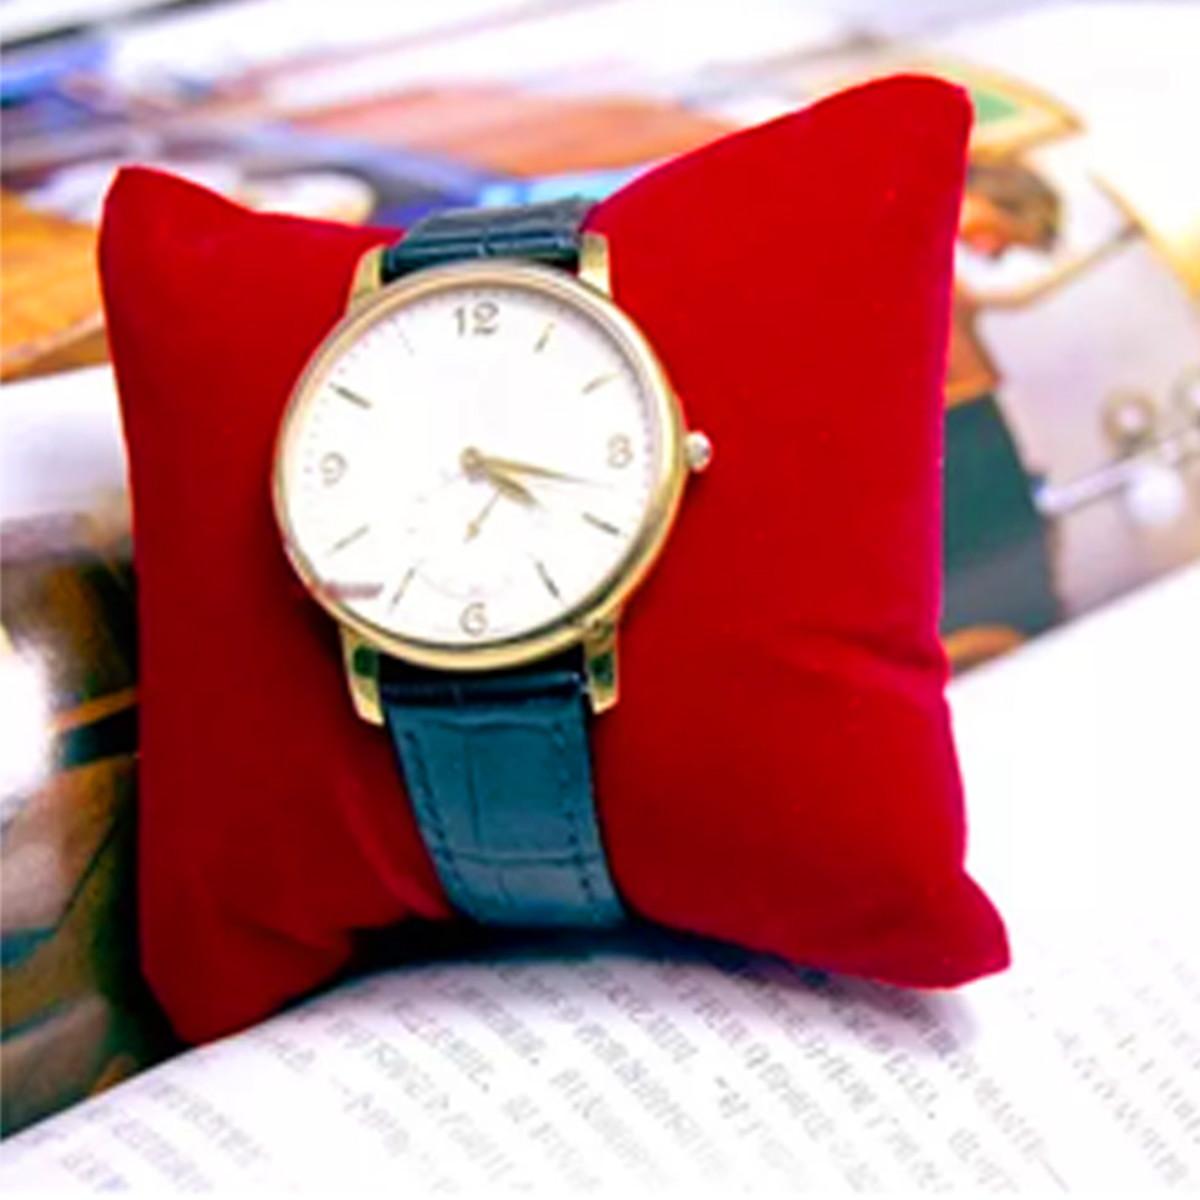 61f24b4d339 Mini Almofada para expor Joias -Relógios - Bijuterias.. no Elo7 ...